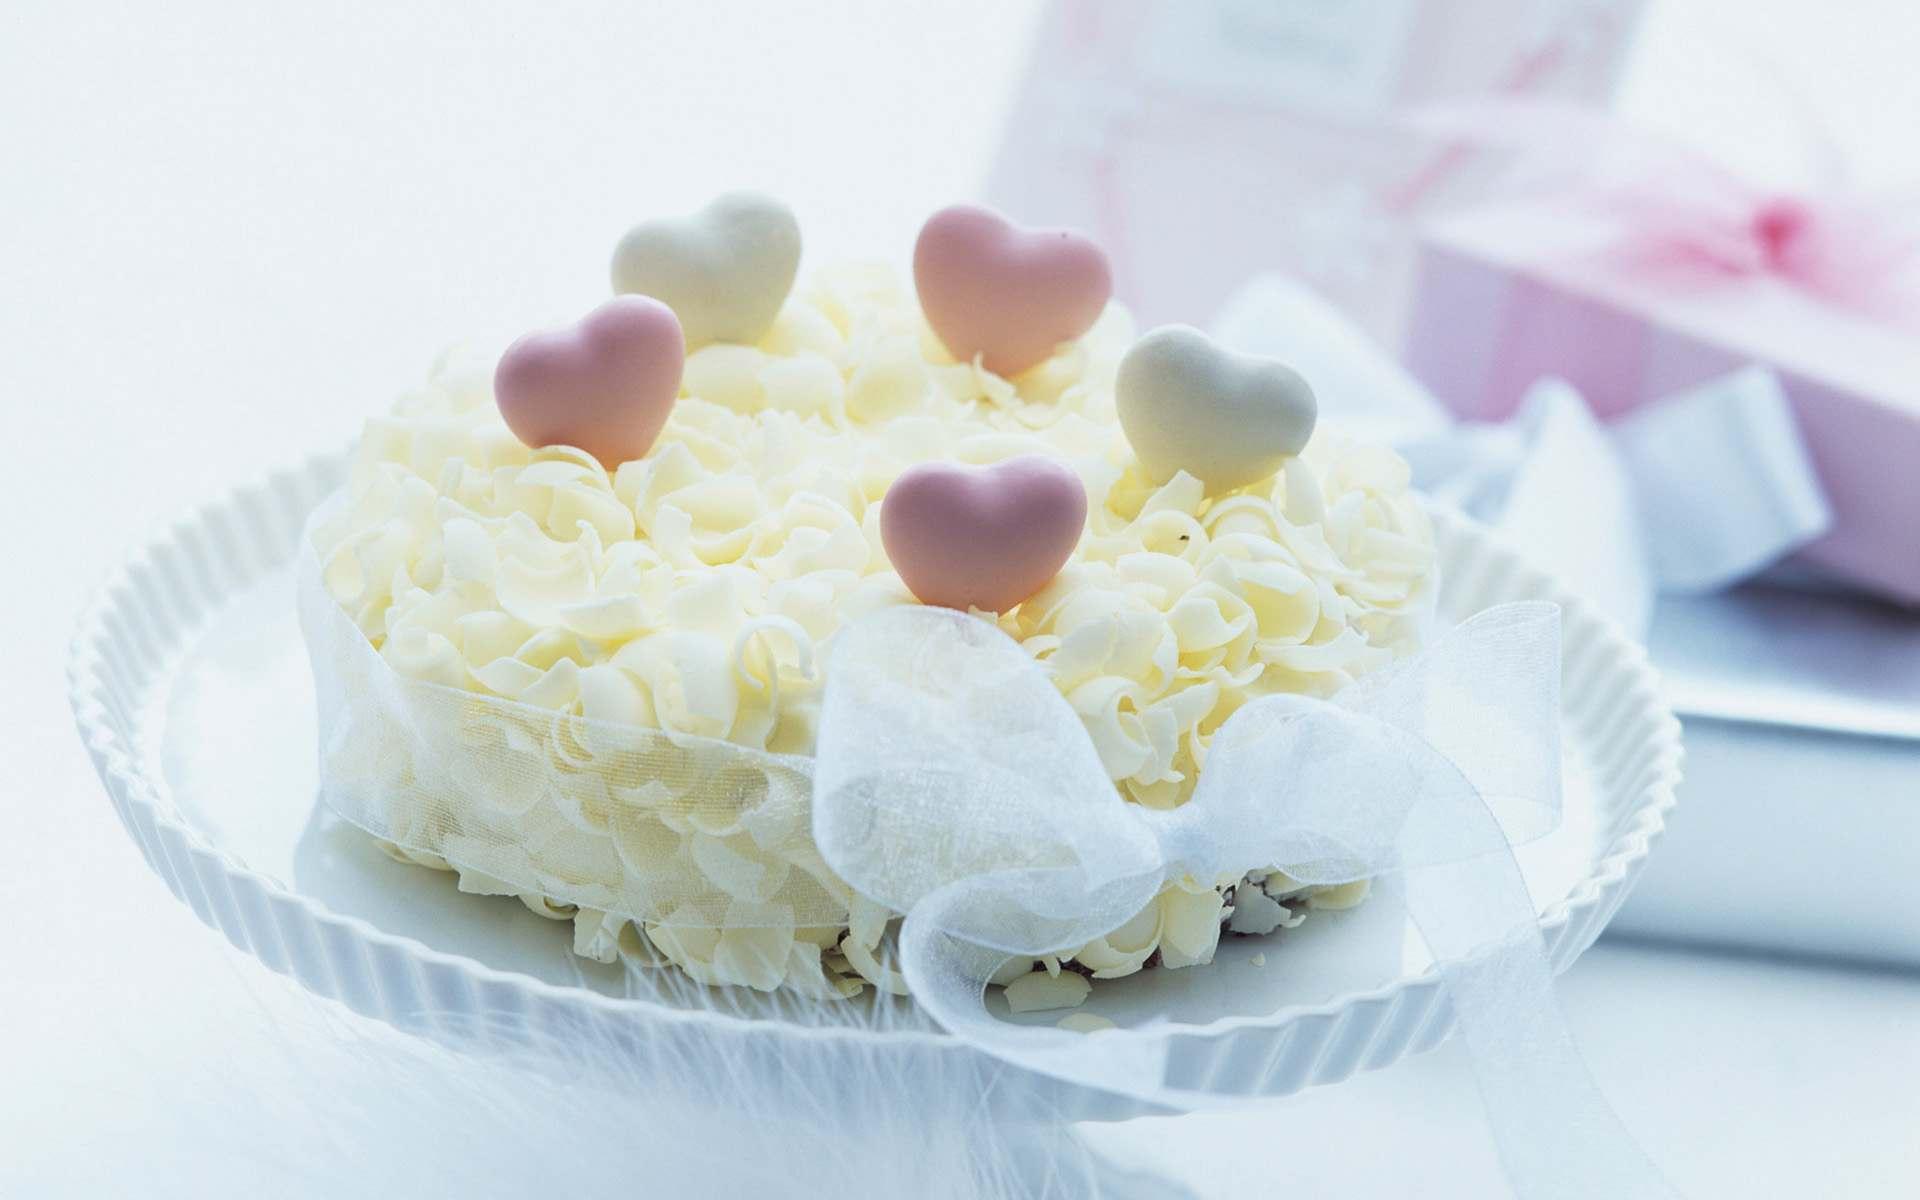 Десерты. Пошаговые рецепты с фото вкусных, простых, легких ...